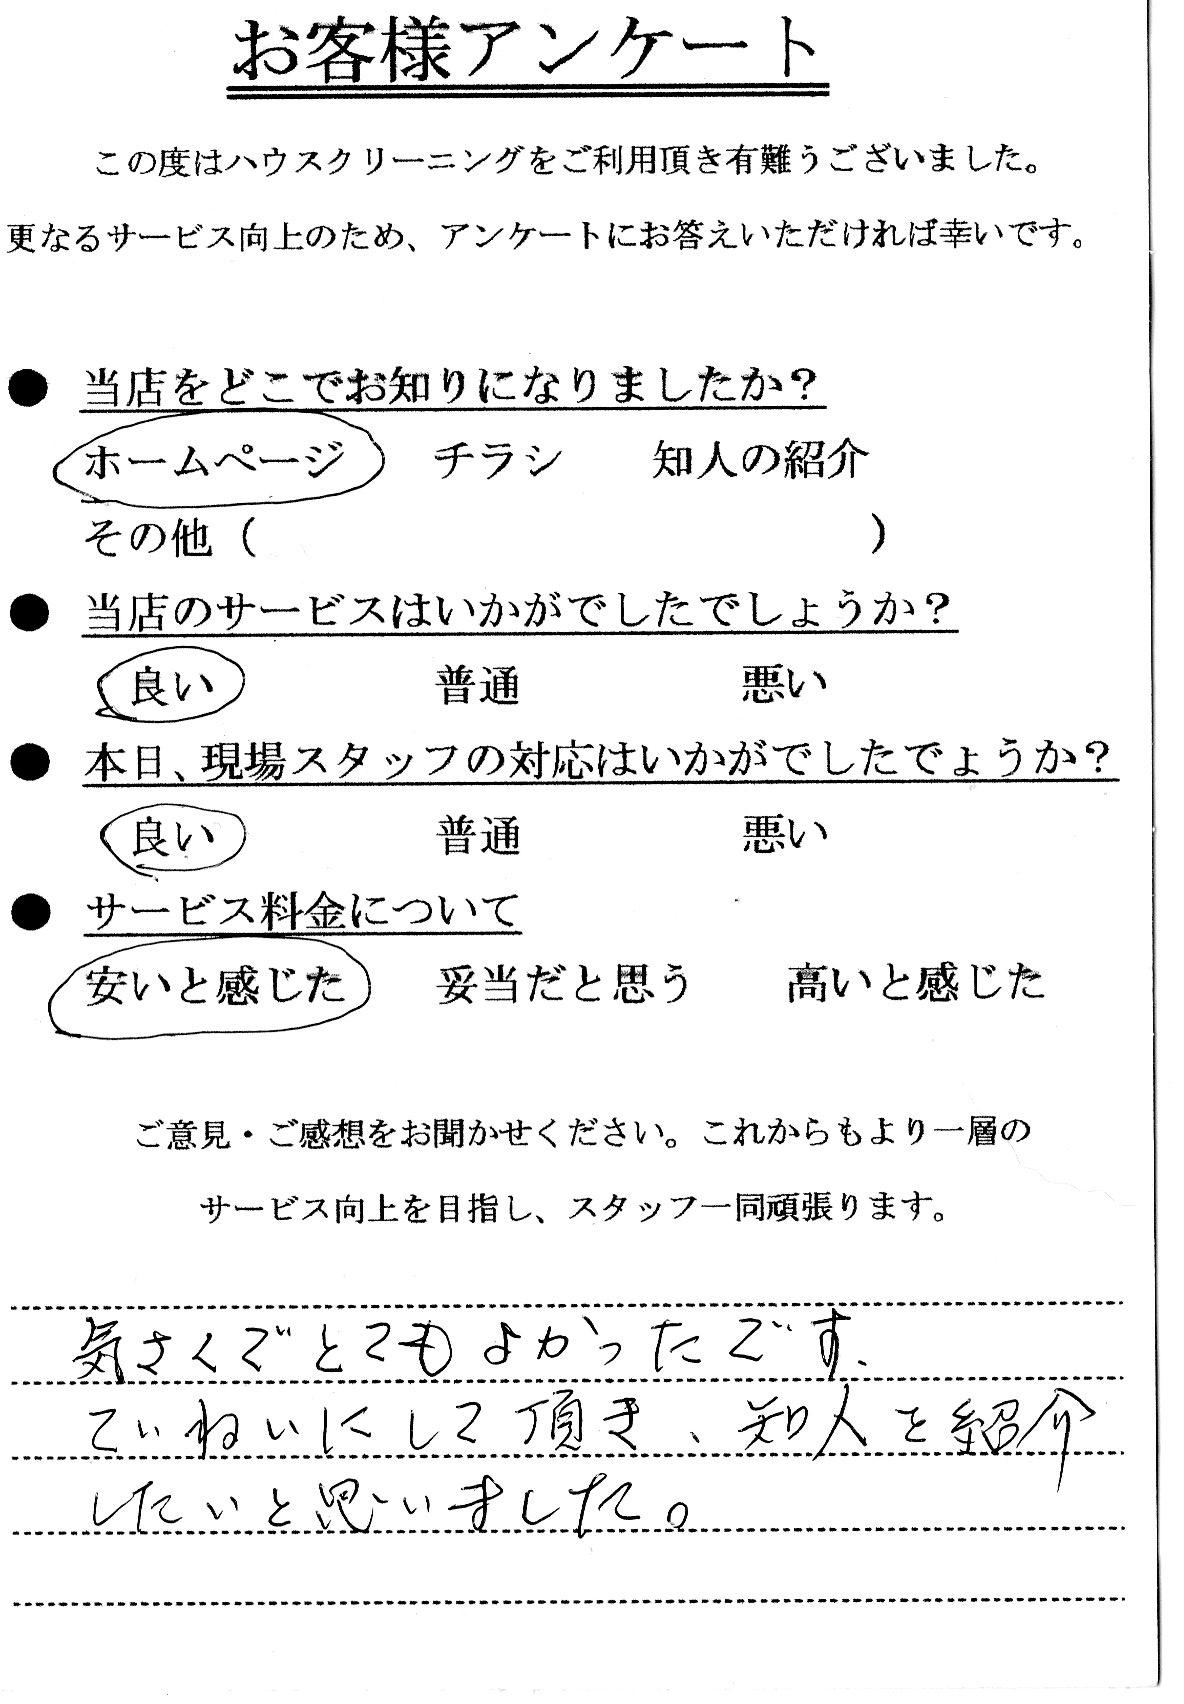 熊本県上益城郡M様のお喜びの声の画像